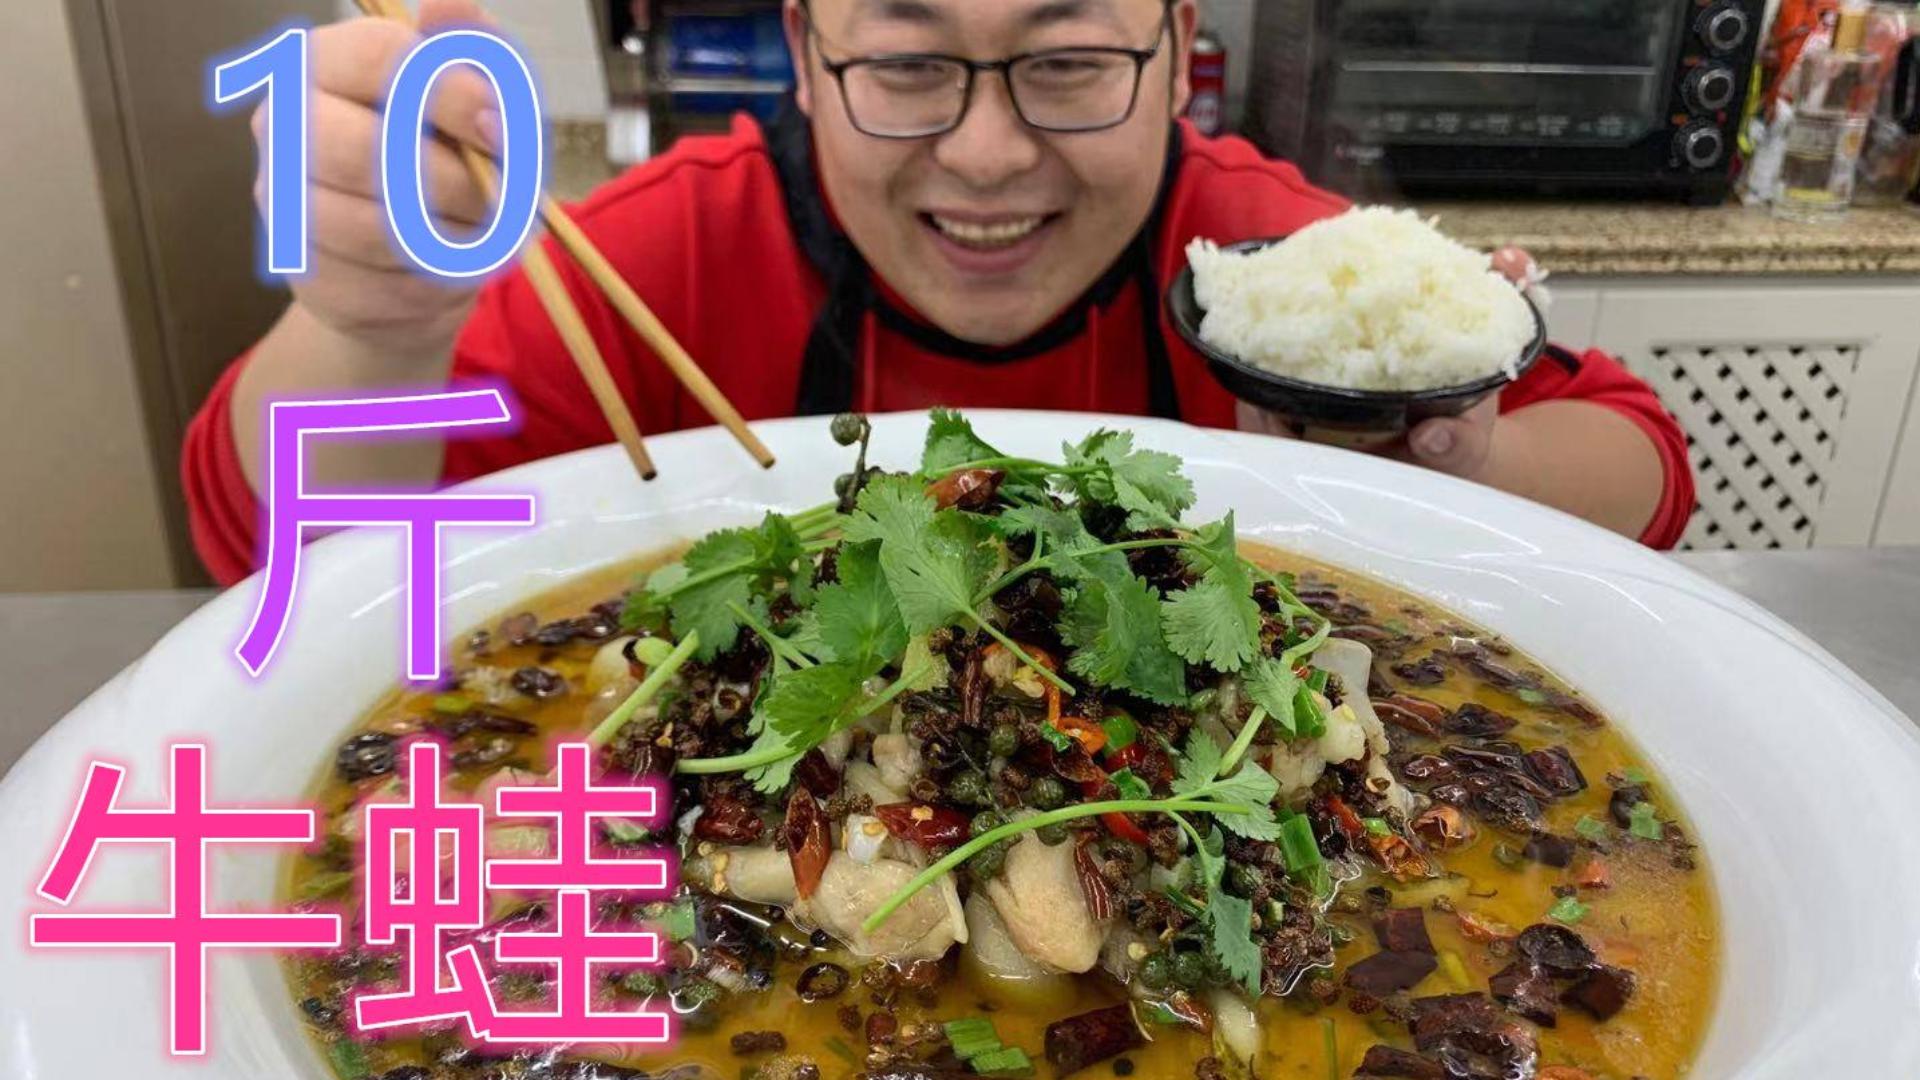 """160买10斤牛蛙,做一盆""""泡椒牛蛙""""酸爽鲜嫩,简单吃一口"""